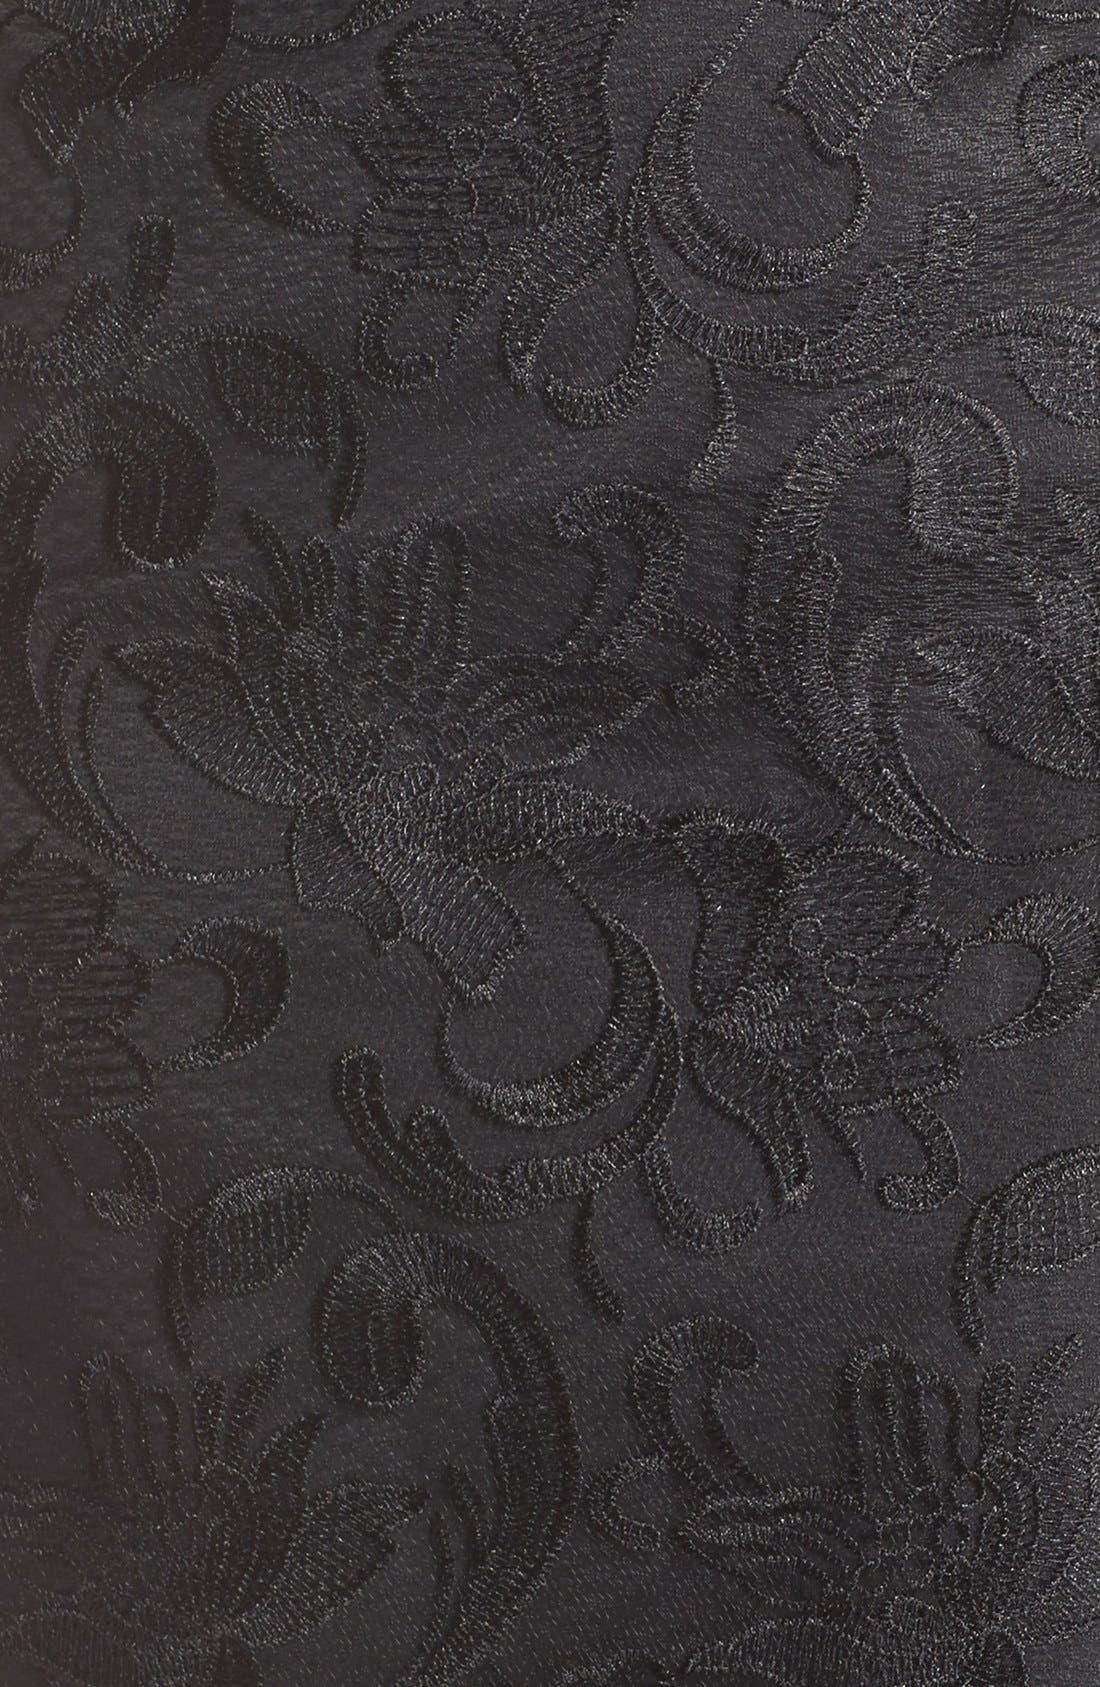 Illusion Yoke Lace Sheath Dress,                             Alternate thumbnail 4, color,                             001